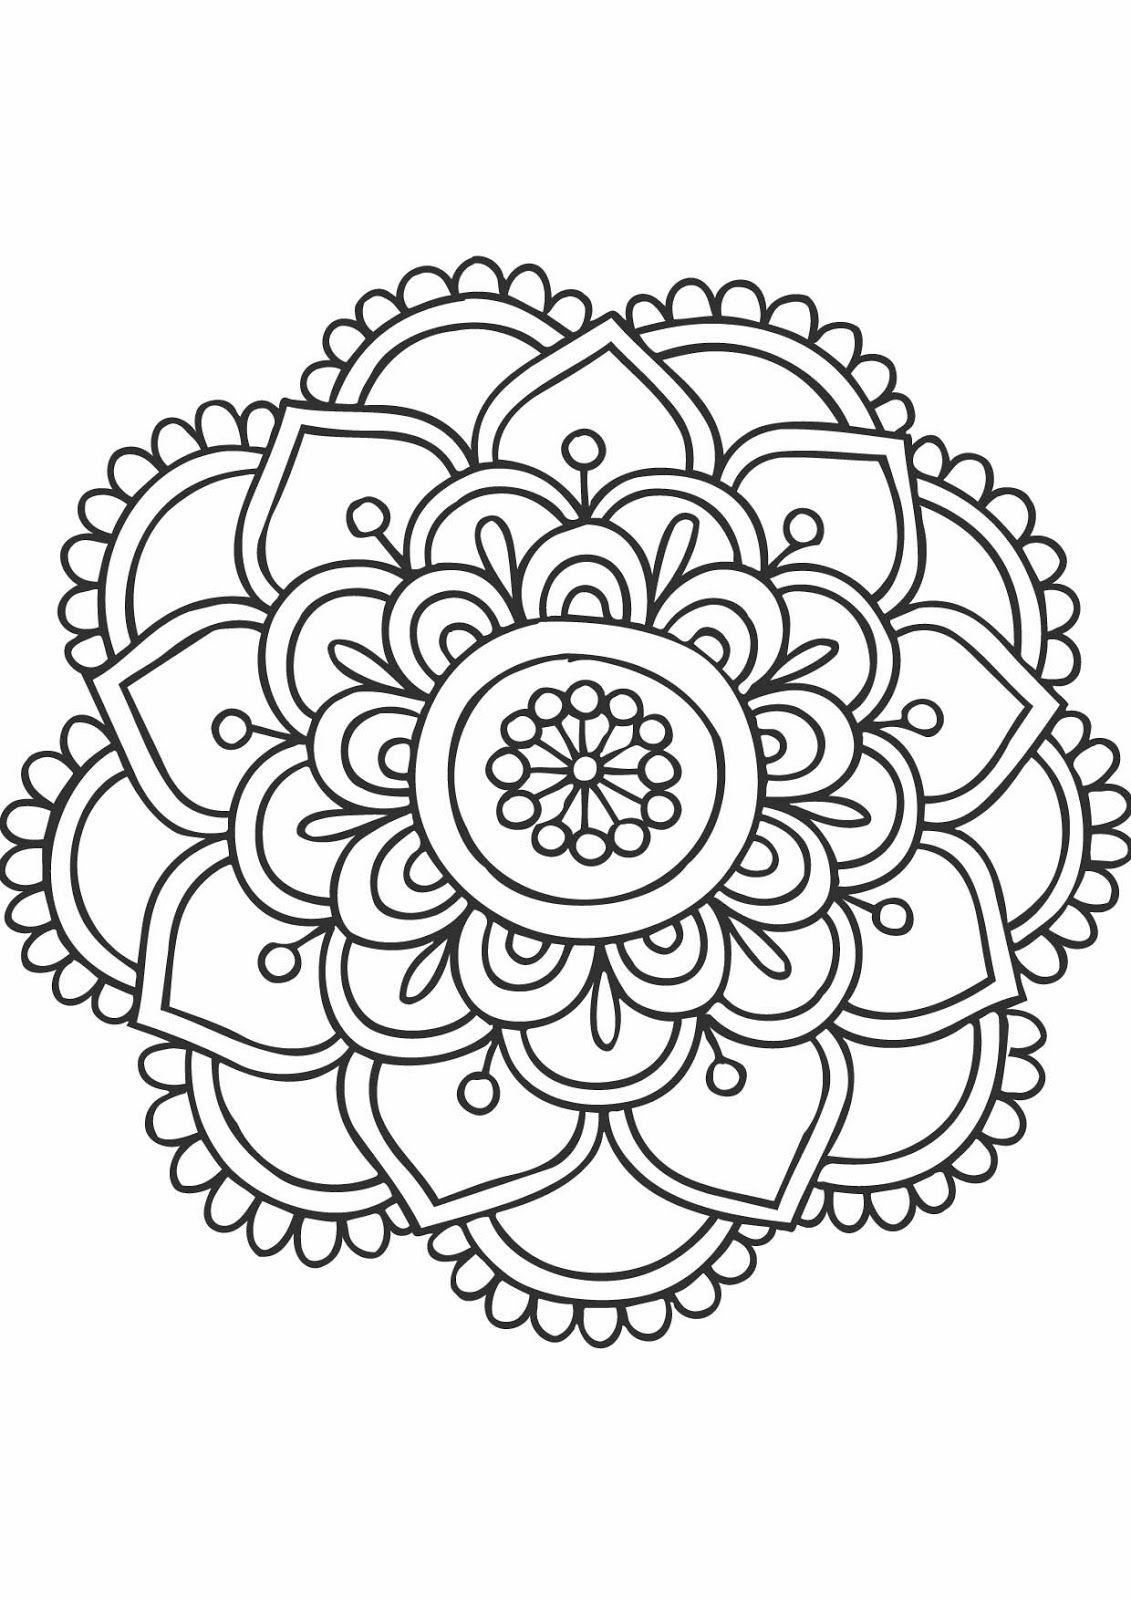 qu 39 est ce que le mandala mandala terme sanskrit qui signifie centre ou circonf rence. Black Bedroom Furniture Sets. Home Design Ideas